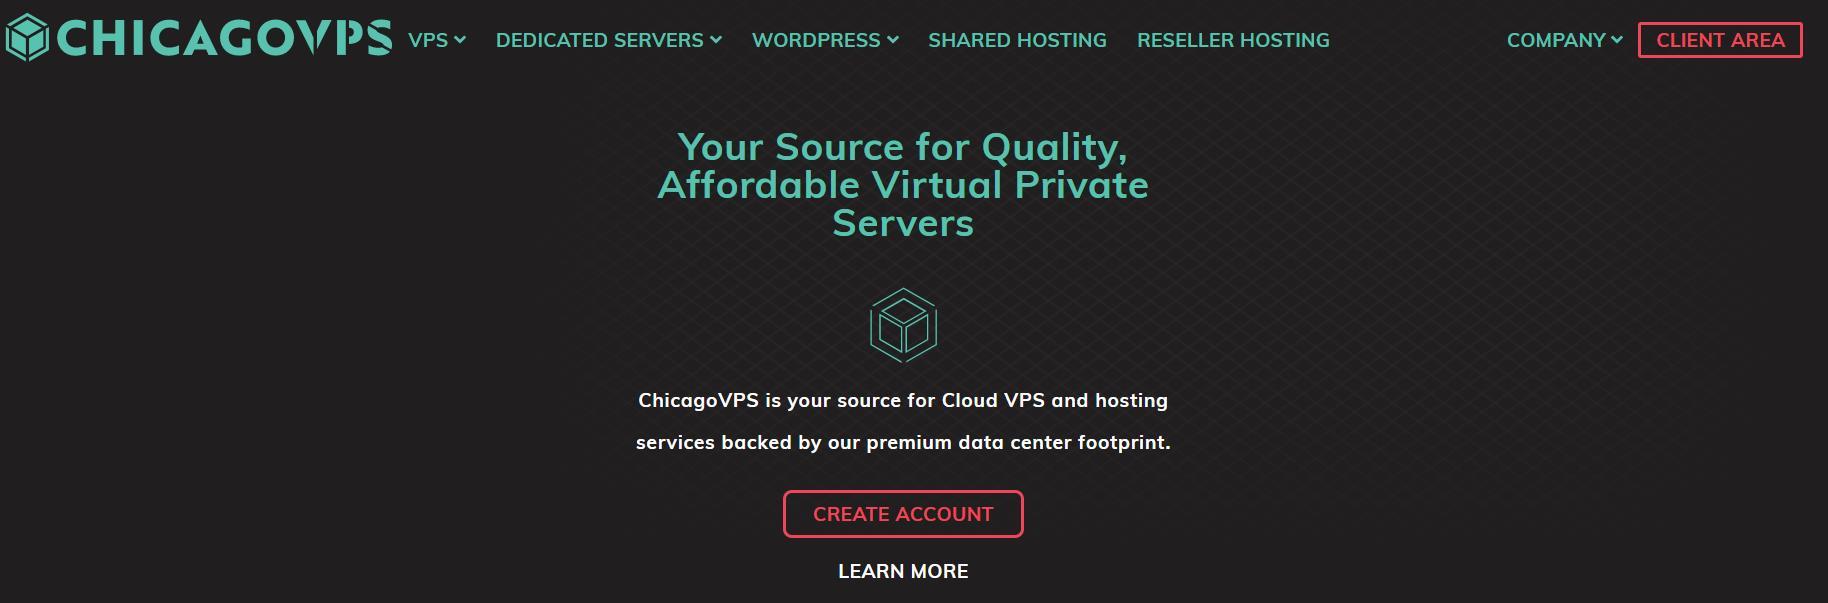 chicagovps-logo.jpg